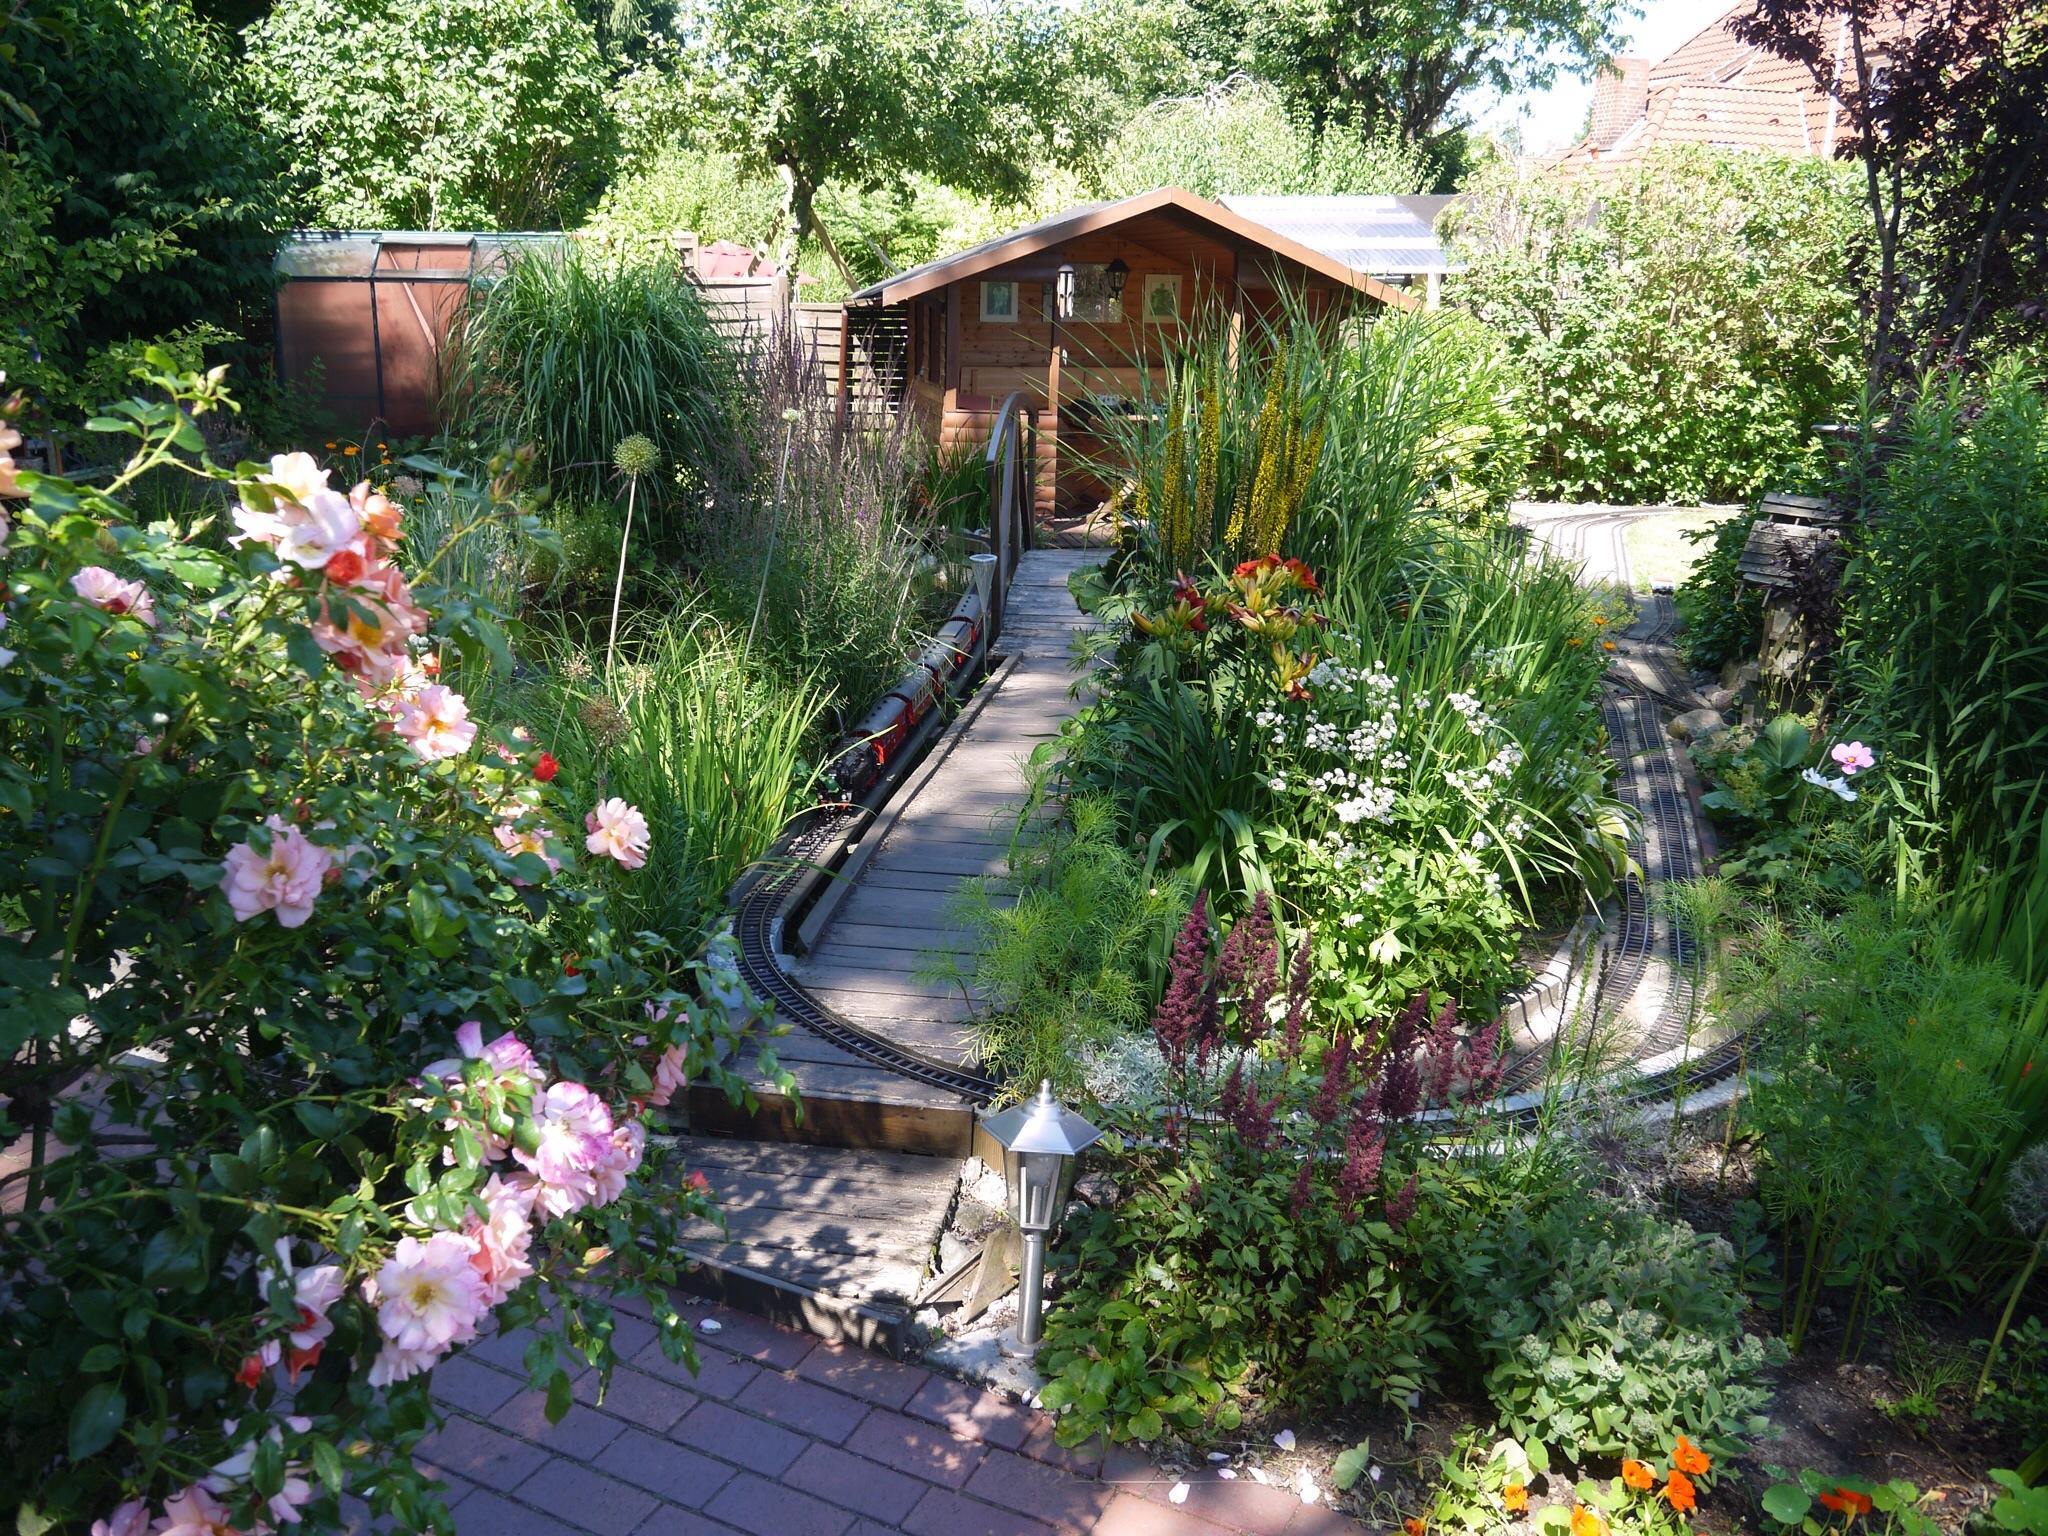 Gartenhaus bilder ideen couchstyle for Strebergarten gestalten